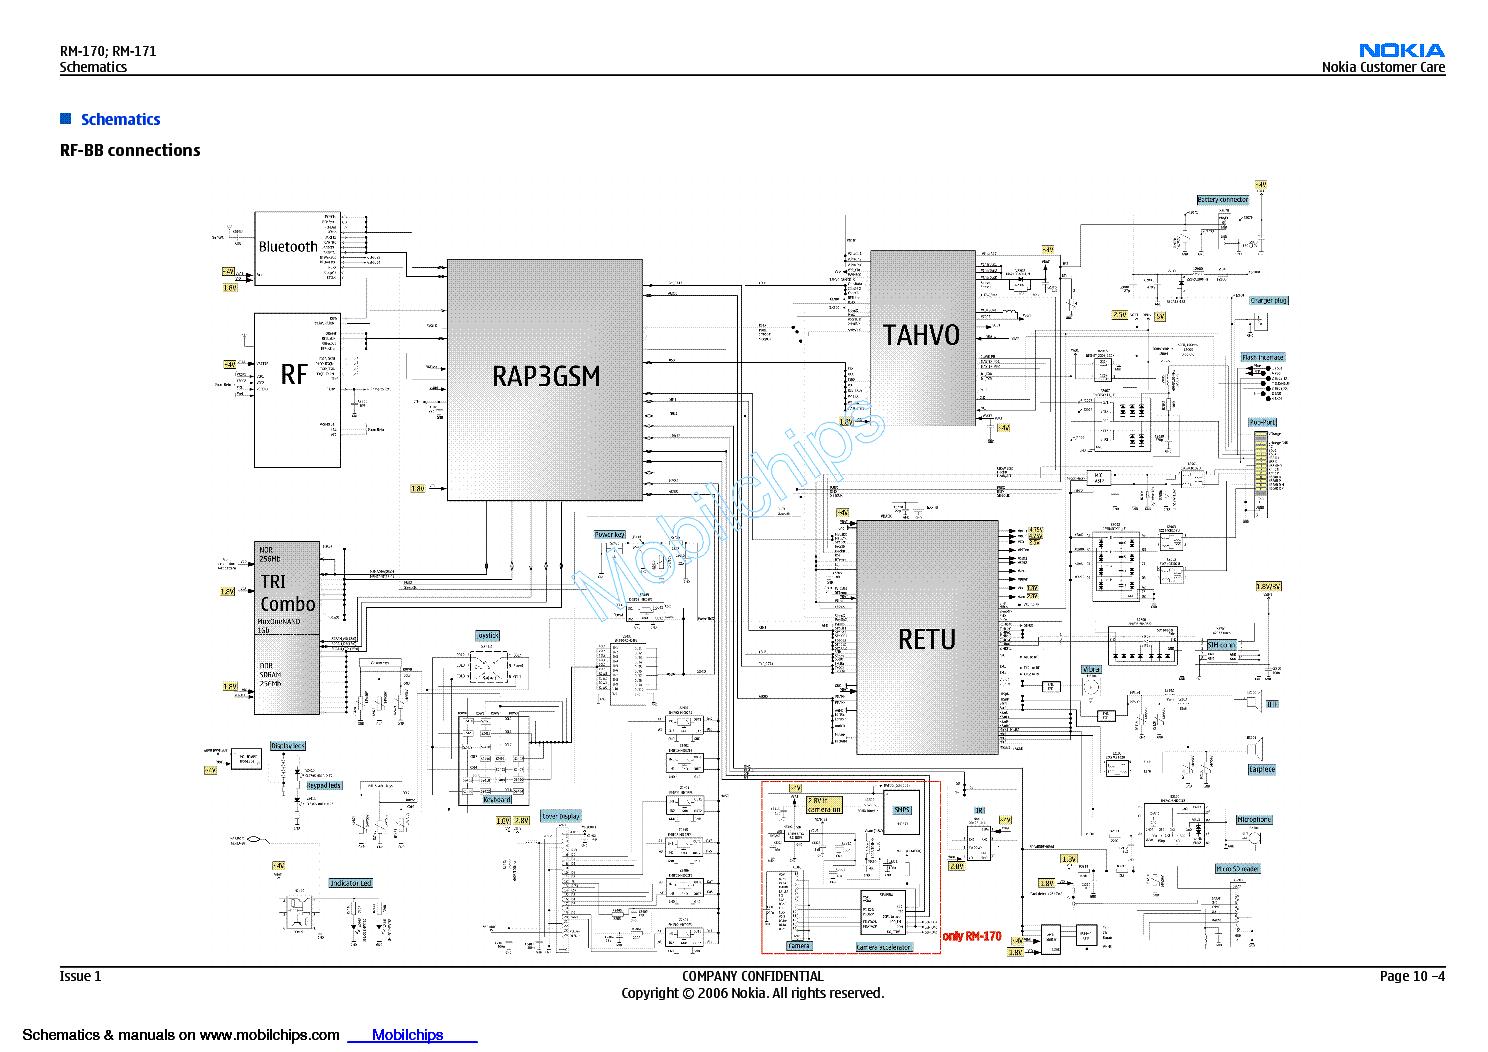 Принципиальная электрическая схема мобильного телефона